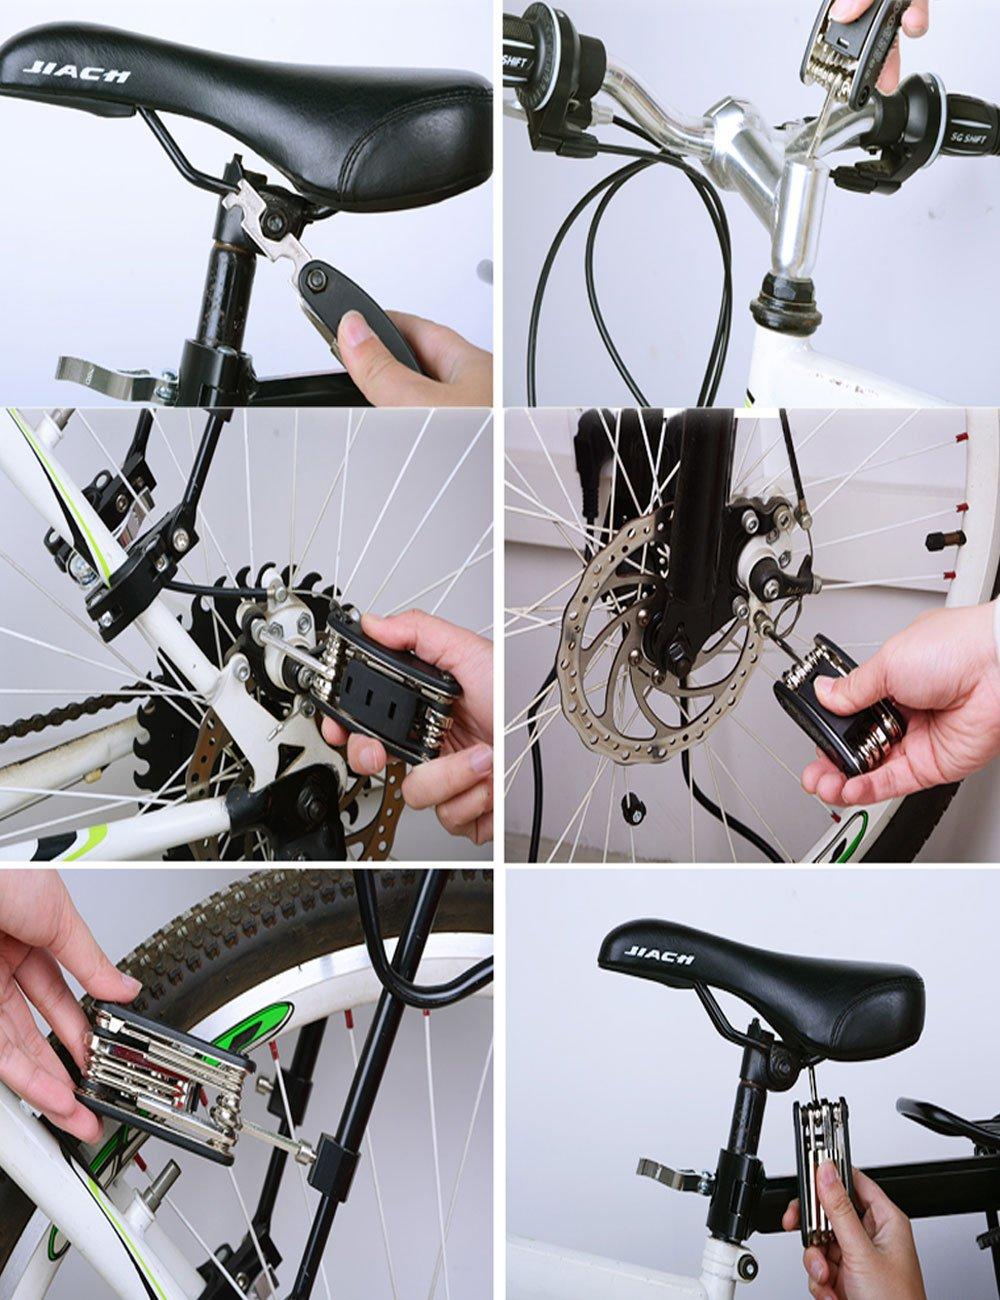 Fahrradreparatur-Werkzeugsatz, July Miracle 16 in 1 Multifunktions Fahrrad Mechaniker Fix Tragbare Werkzeuge Set Tasche mit Kette Werkzeug und Reifenpatch Hebel